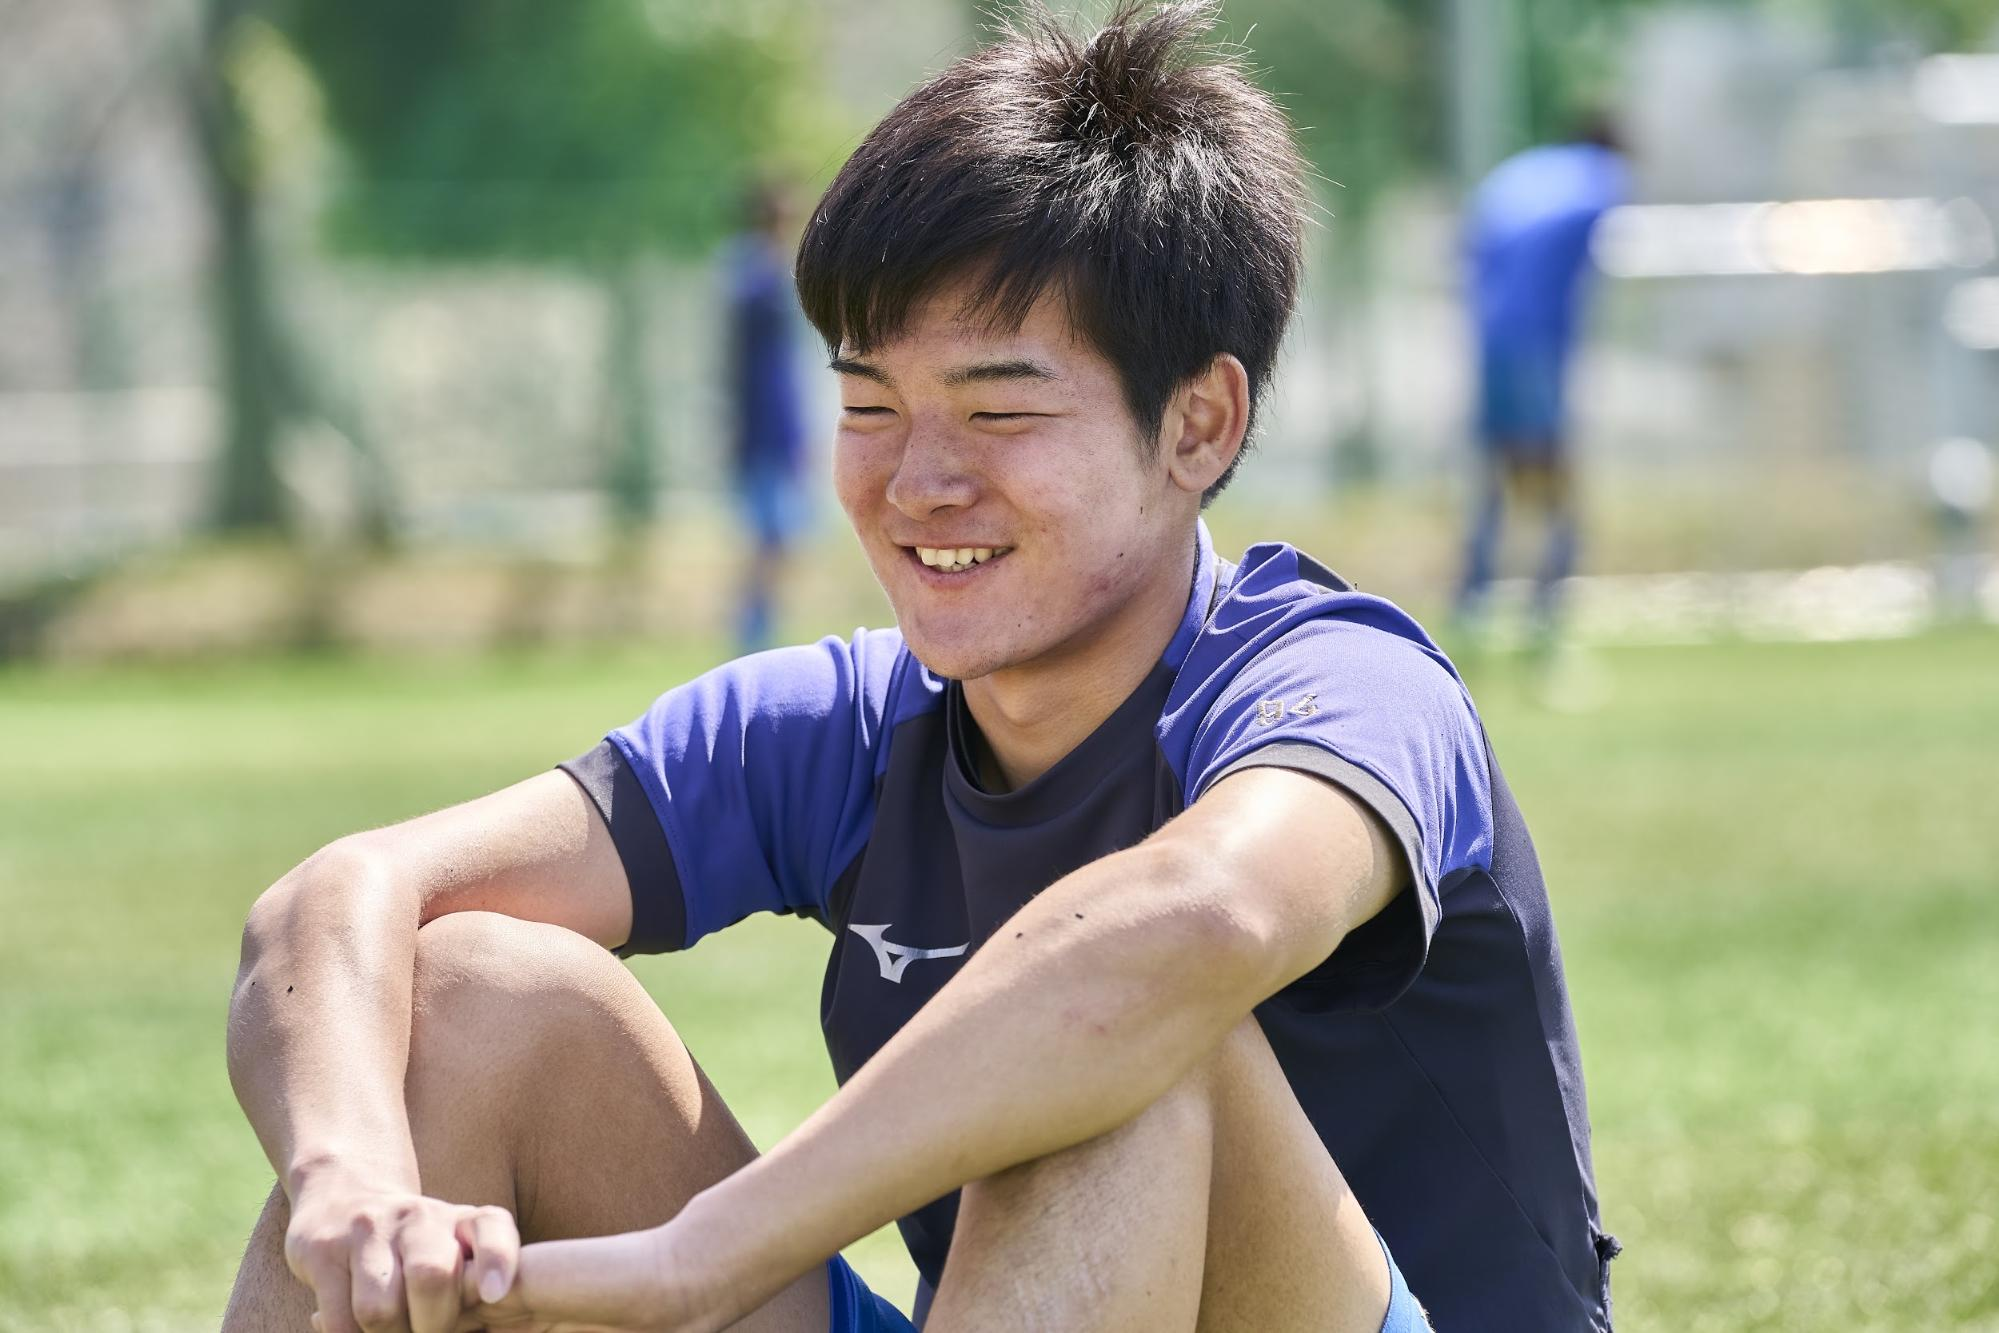 日本体育大学柏高校3年生 サッカー部副キャプテン 須藤 大智 氏